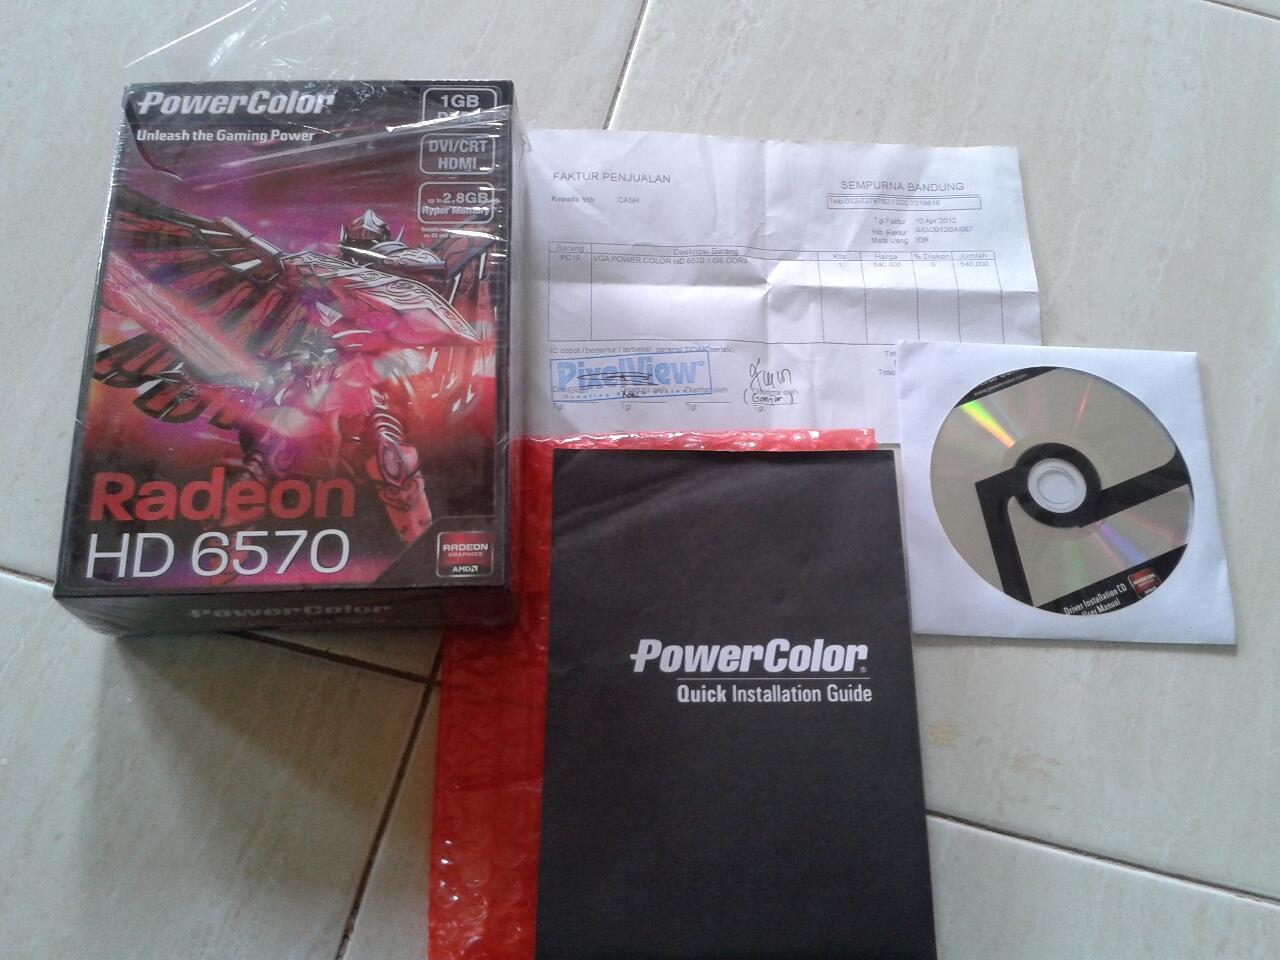 PowerColor Radeon HD 6570 1GB DDR3 [Bandung]